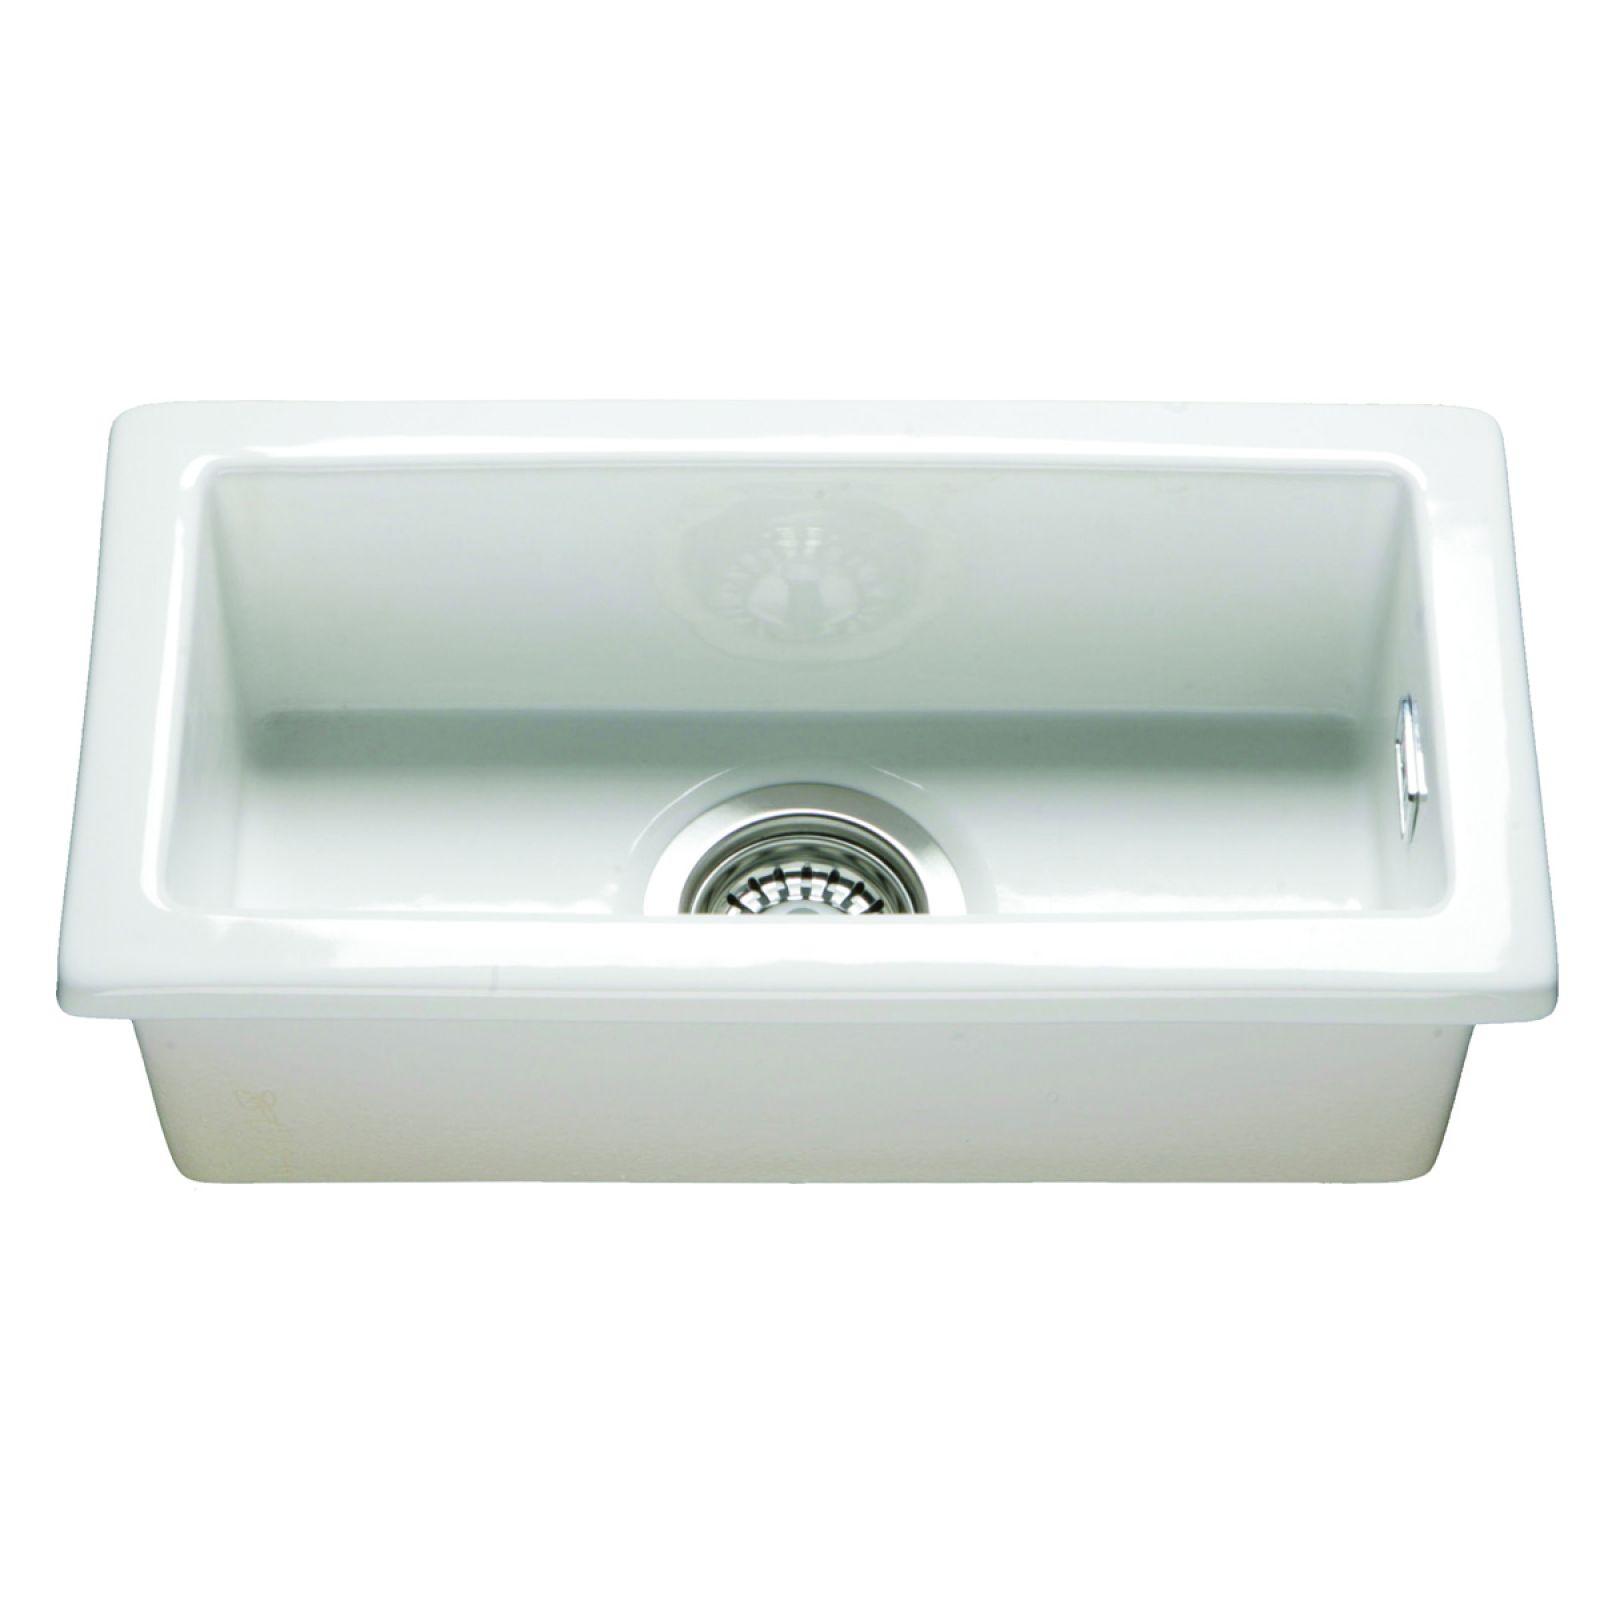 Inset Victorian Sink 7 Kitchen sinks